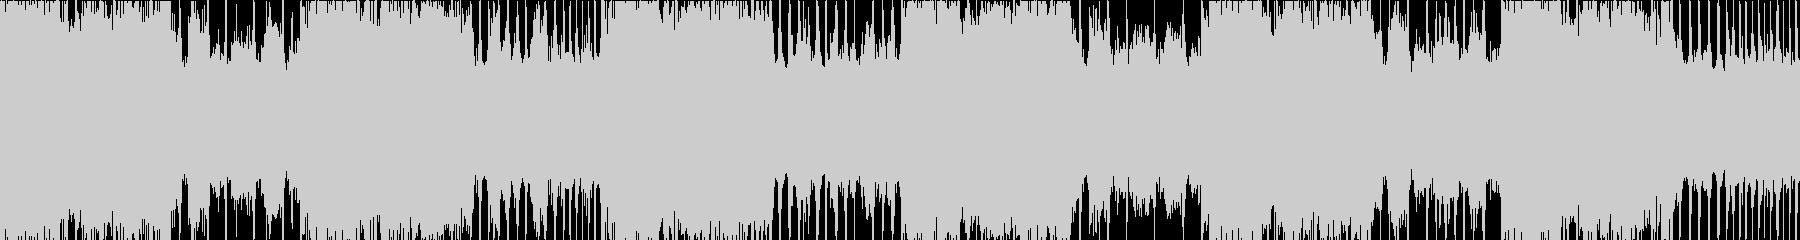 ロックメタル風のヘヴィーLOOP BGMの未再生の波形